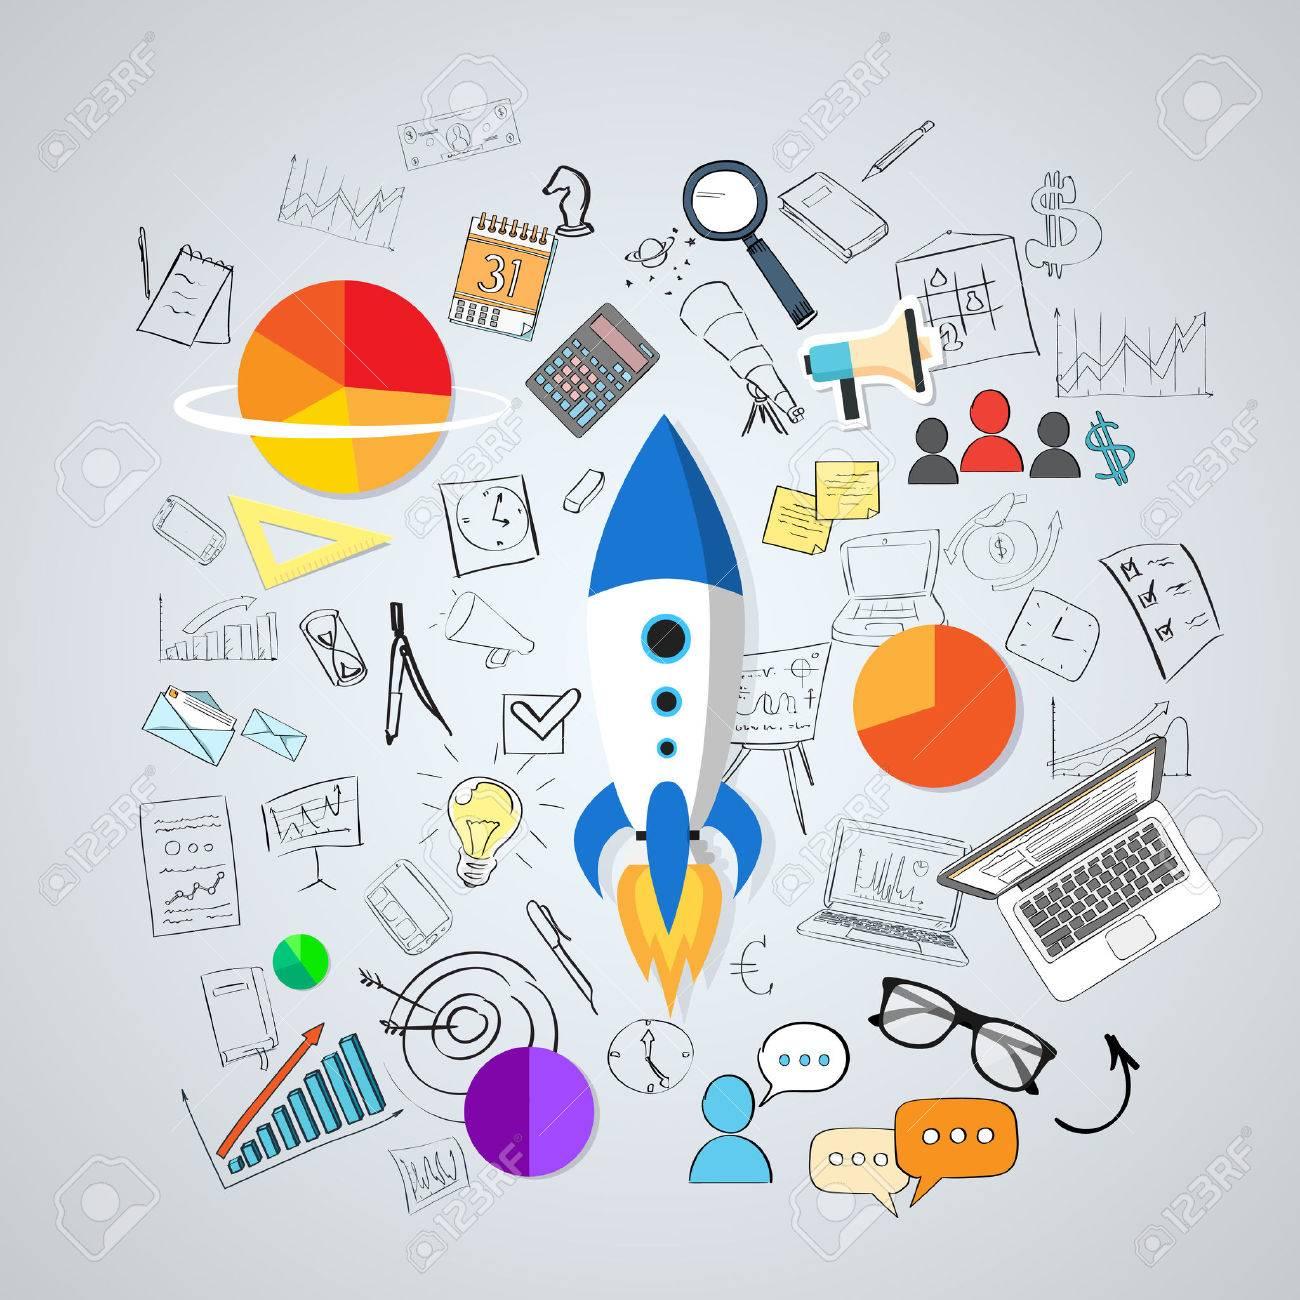 コンセプト新しいビジネスの計画の落書き手描きスケッチ背景ベクトル